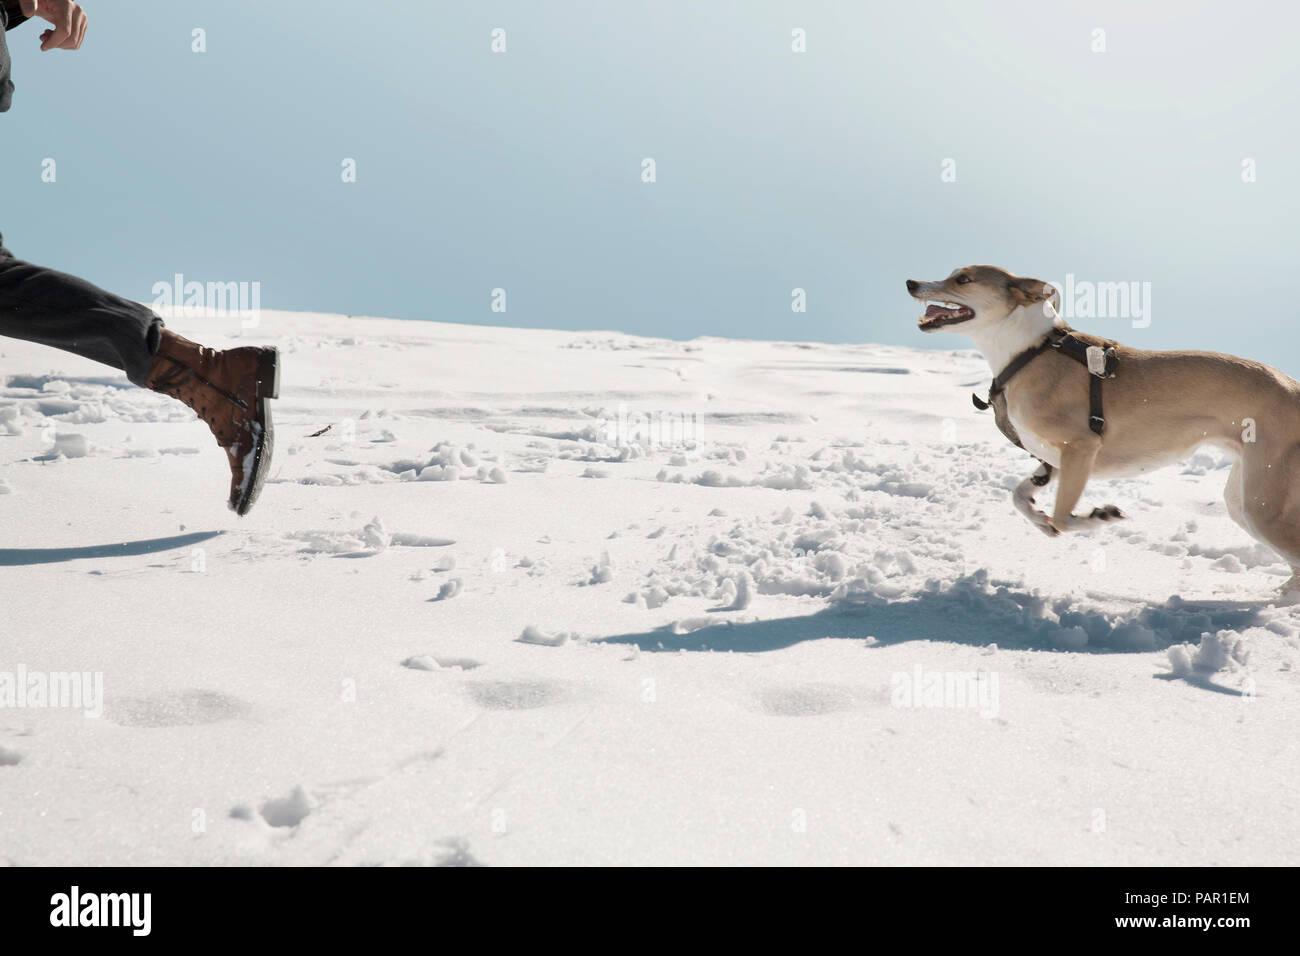 Mann spielt mit Hund im Winter, laufen im Schnee Stockbild